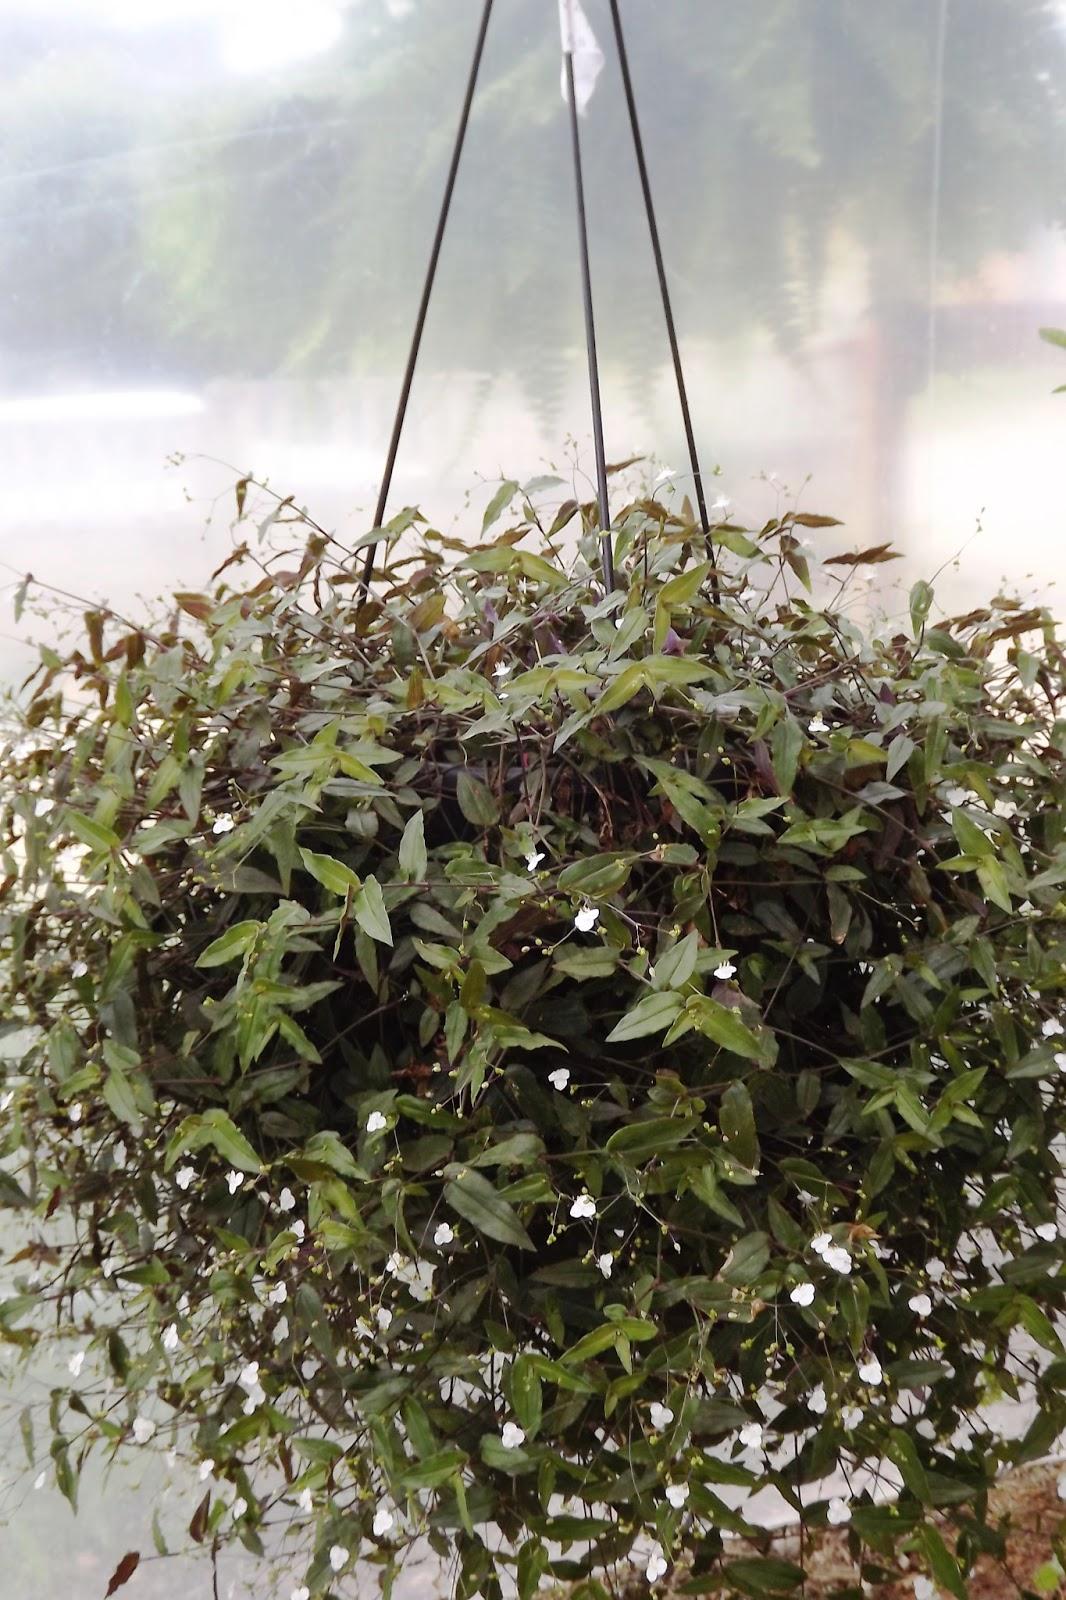 Excepcional Flora Monte Claro: O milagre da multiplicação botânica: Véu de noiva WW27